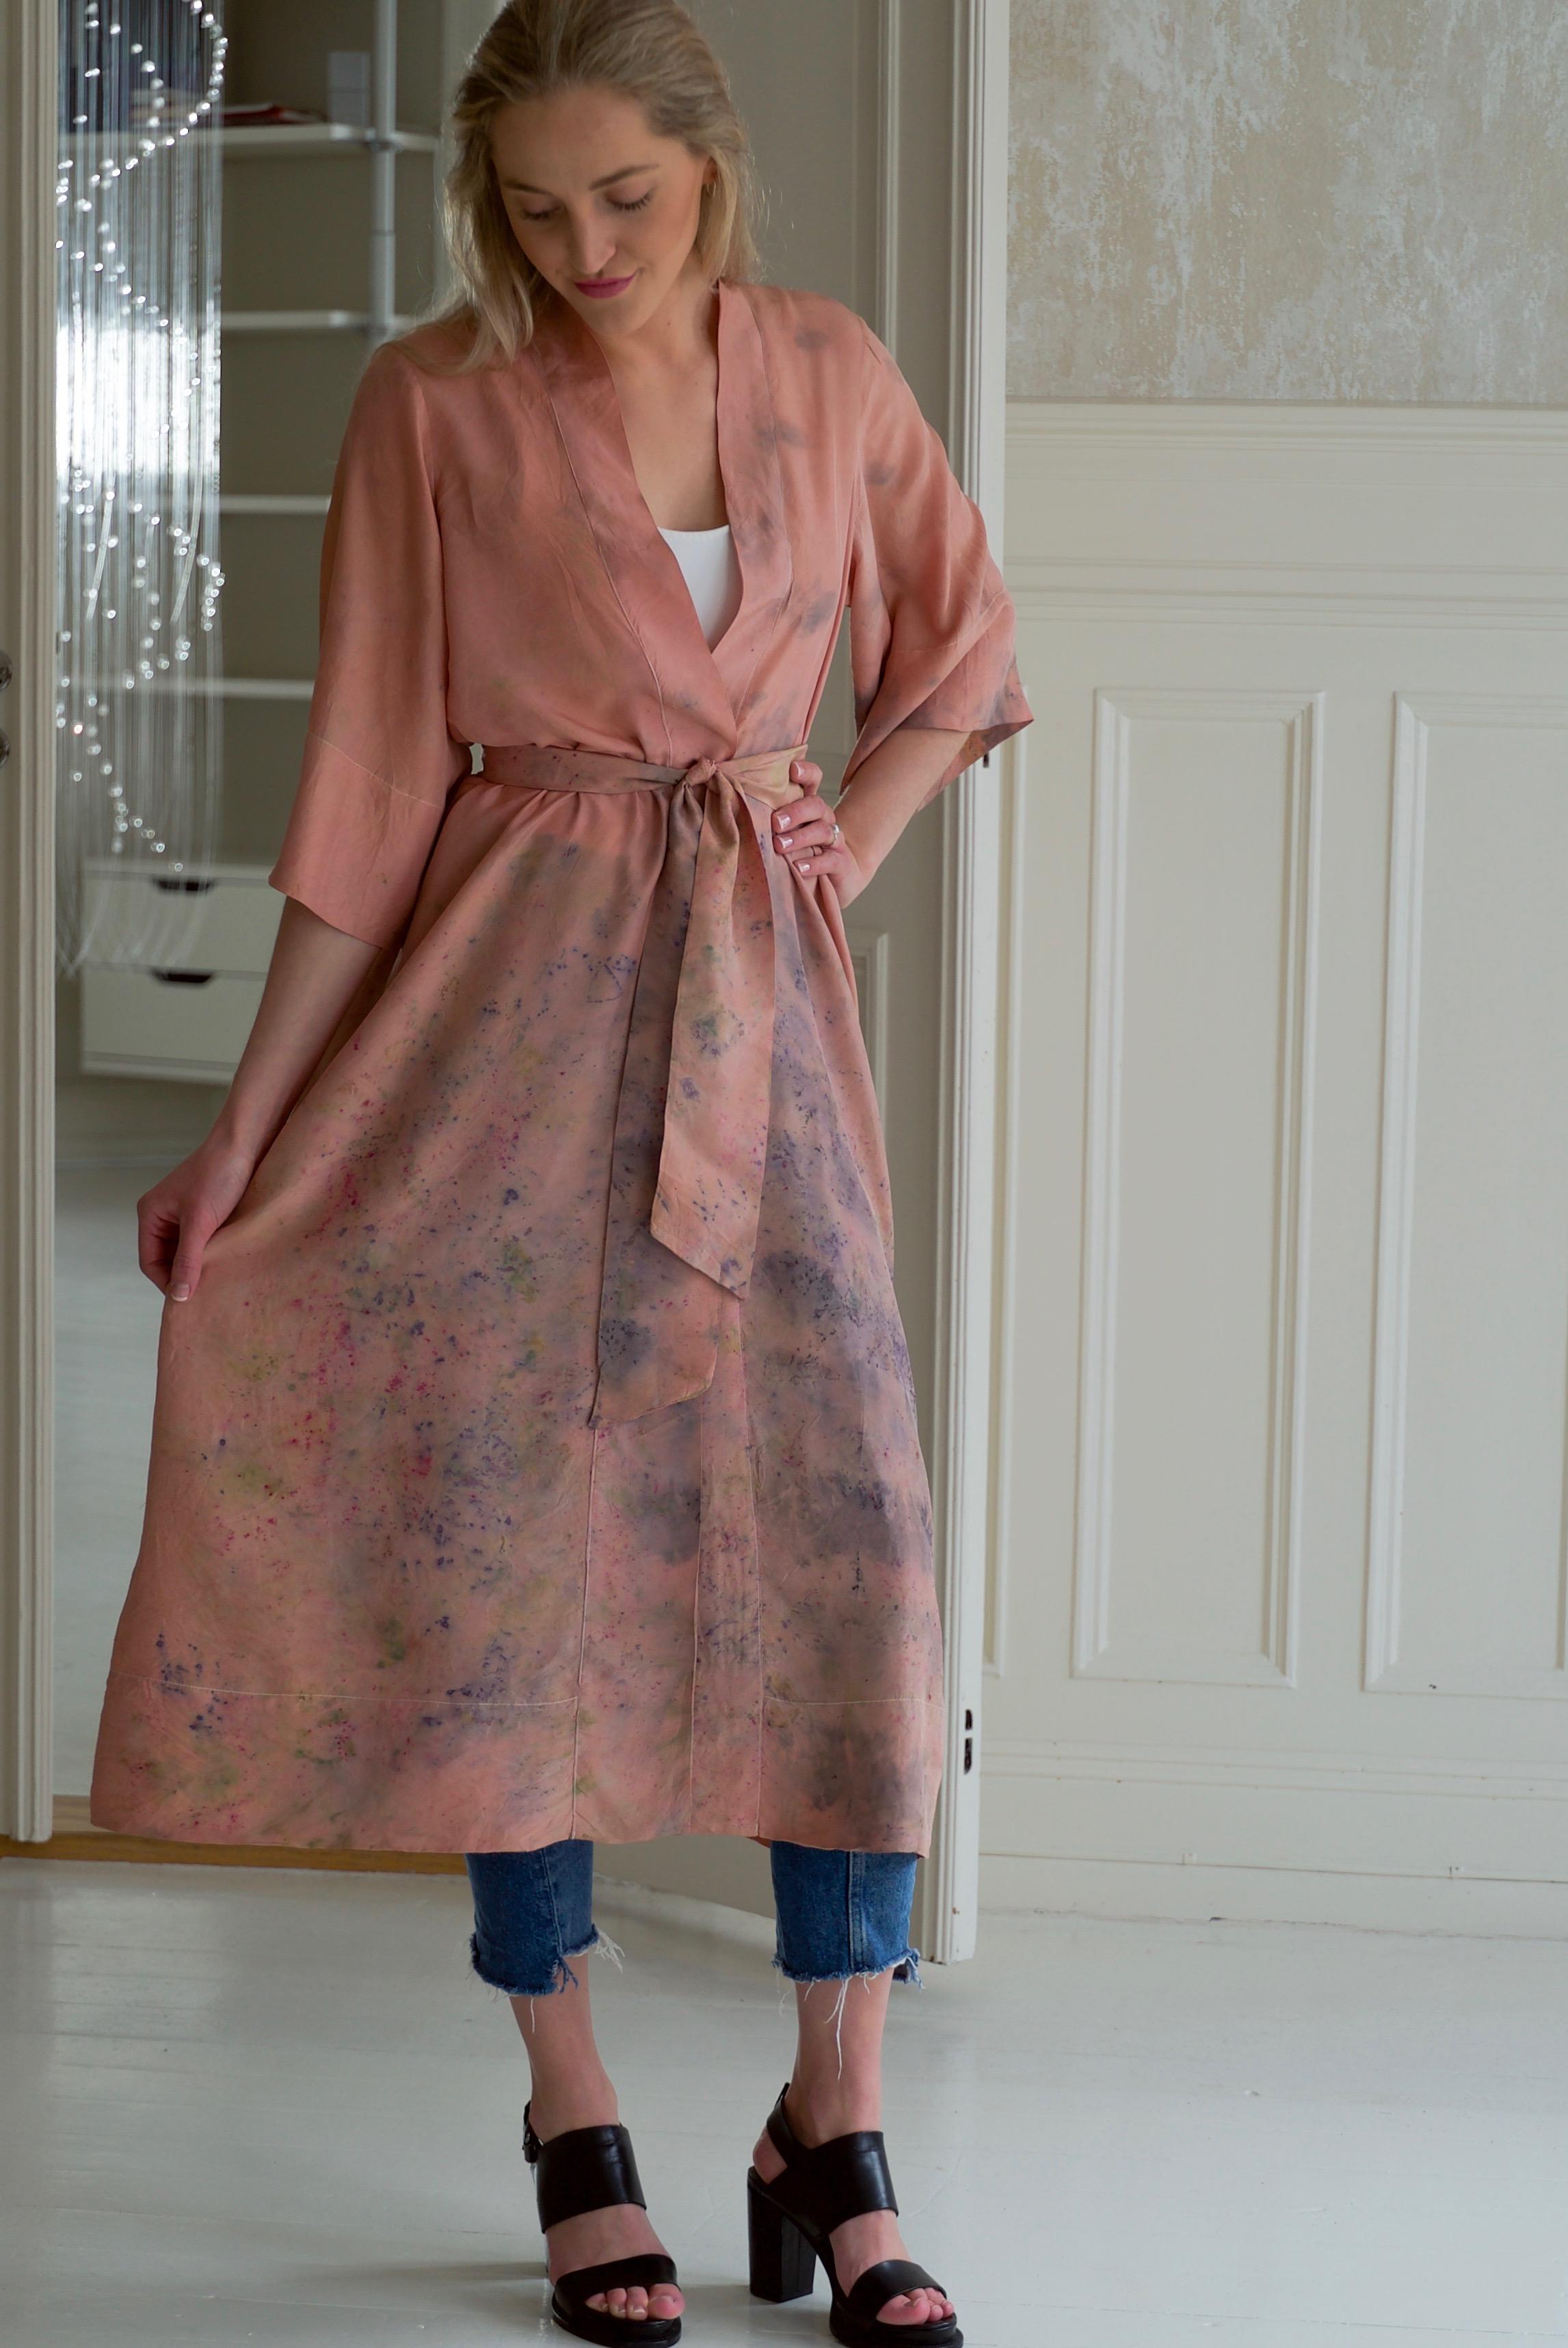 Robe 20 Victoria, frint m belte.jpg